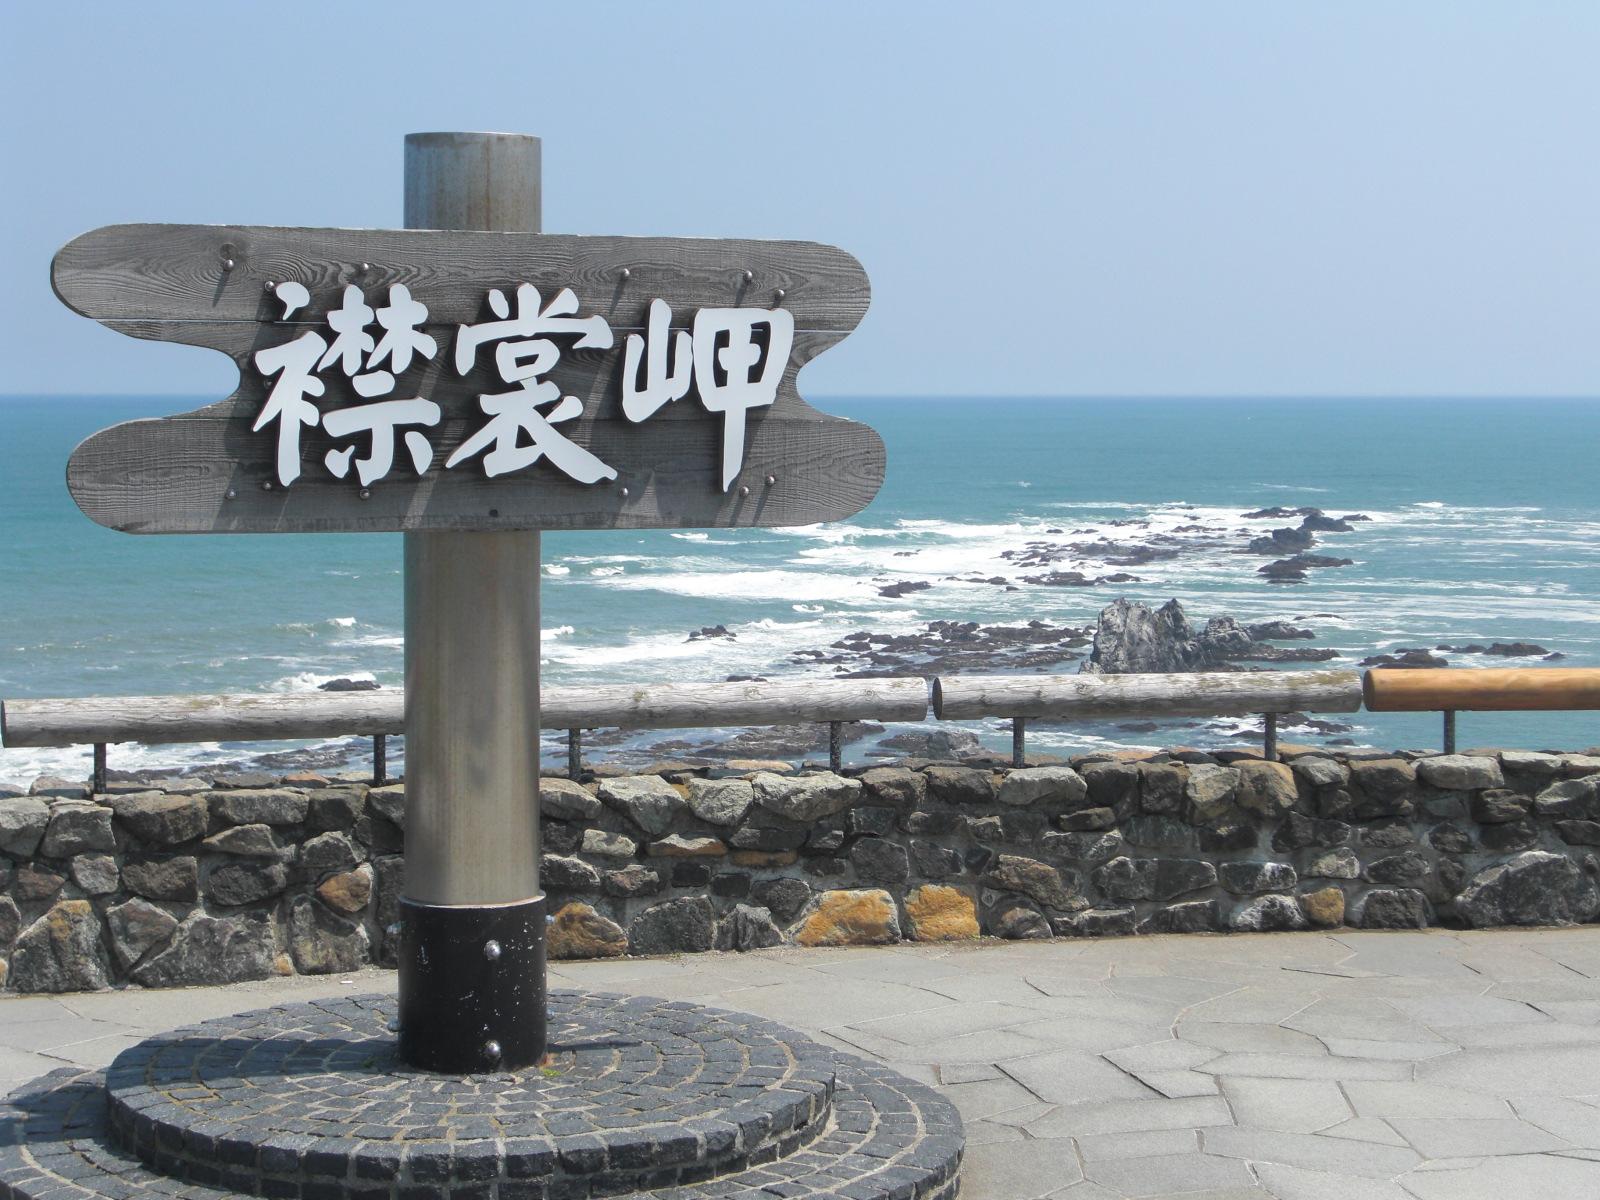 【襟裳町】襟裳岬観光案内です。